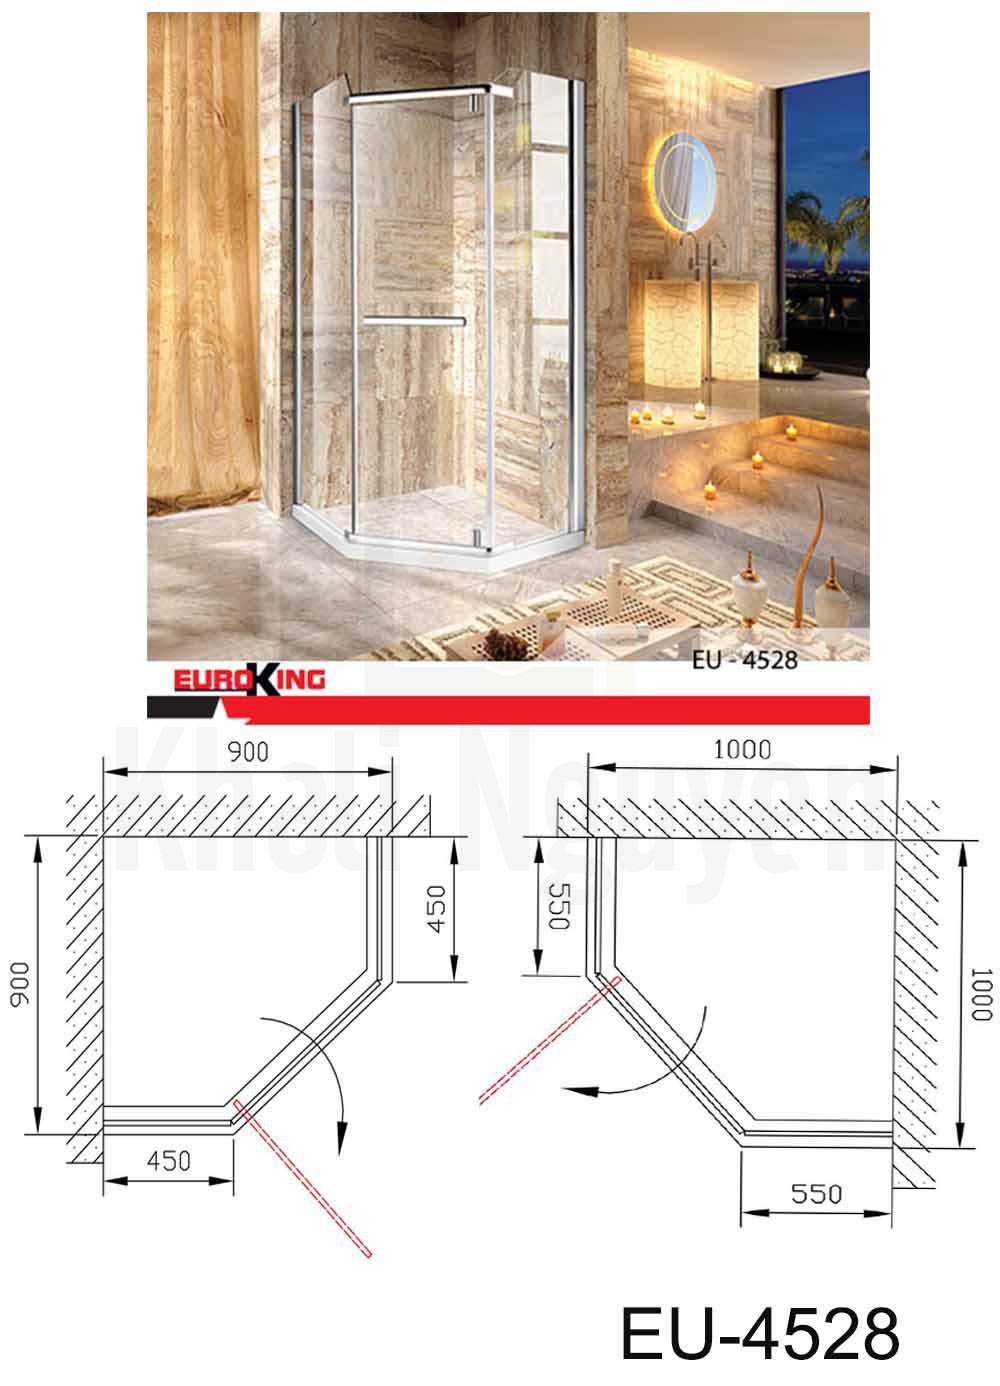 Bản vẽ kỹ thuật Phòng tắm vách kính Euroking EU- 4528